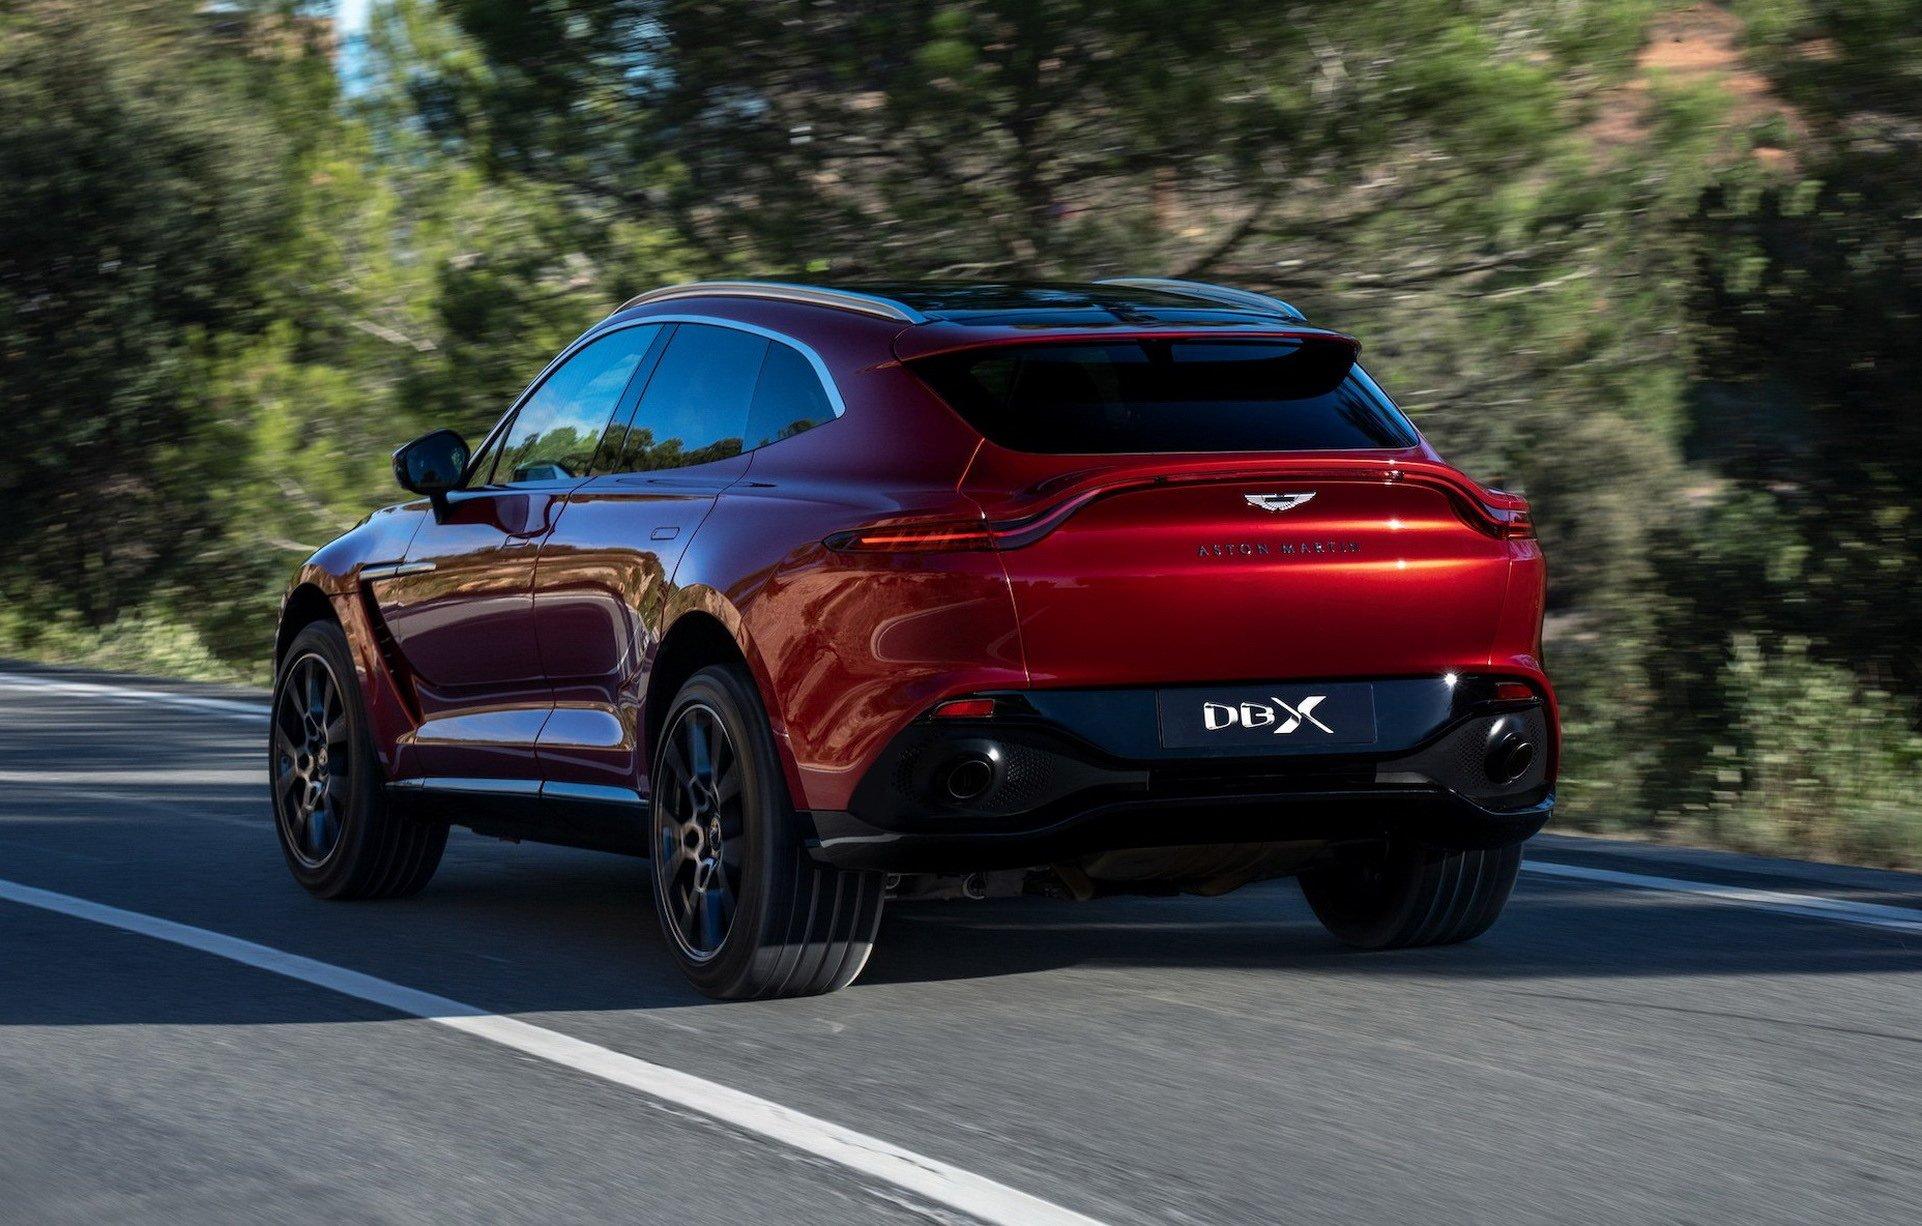 Aston Martin DBX - SUV siêu sang đầu tiên dành 2ho các đại gia - 1